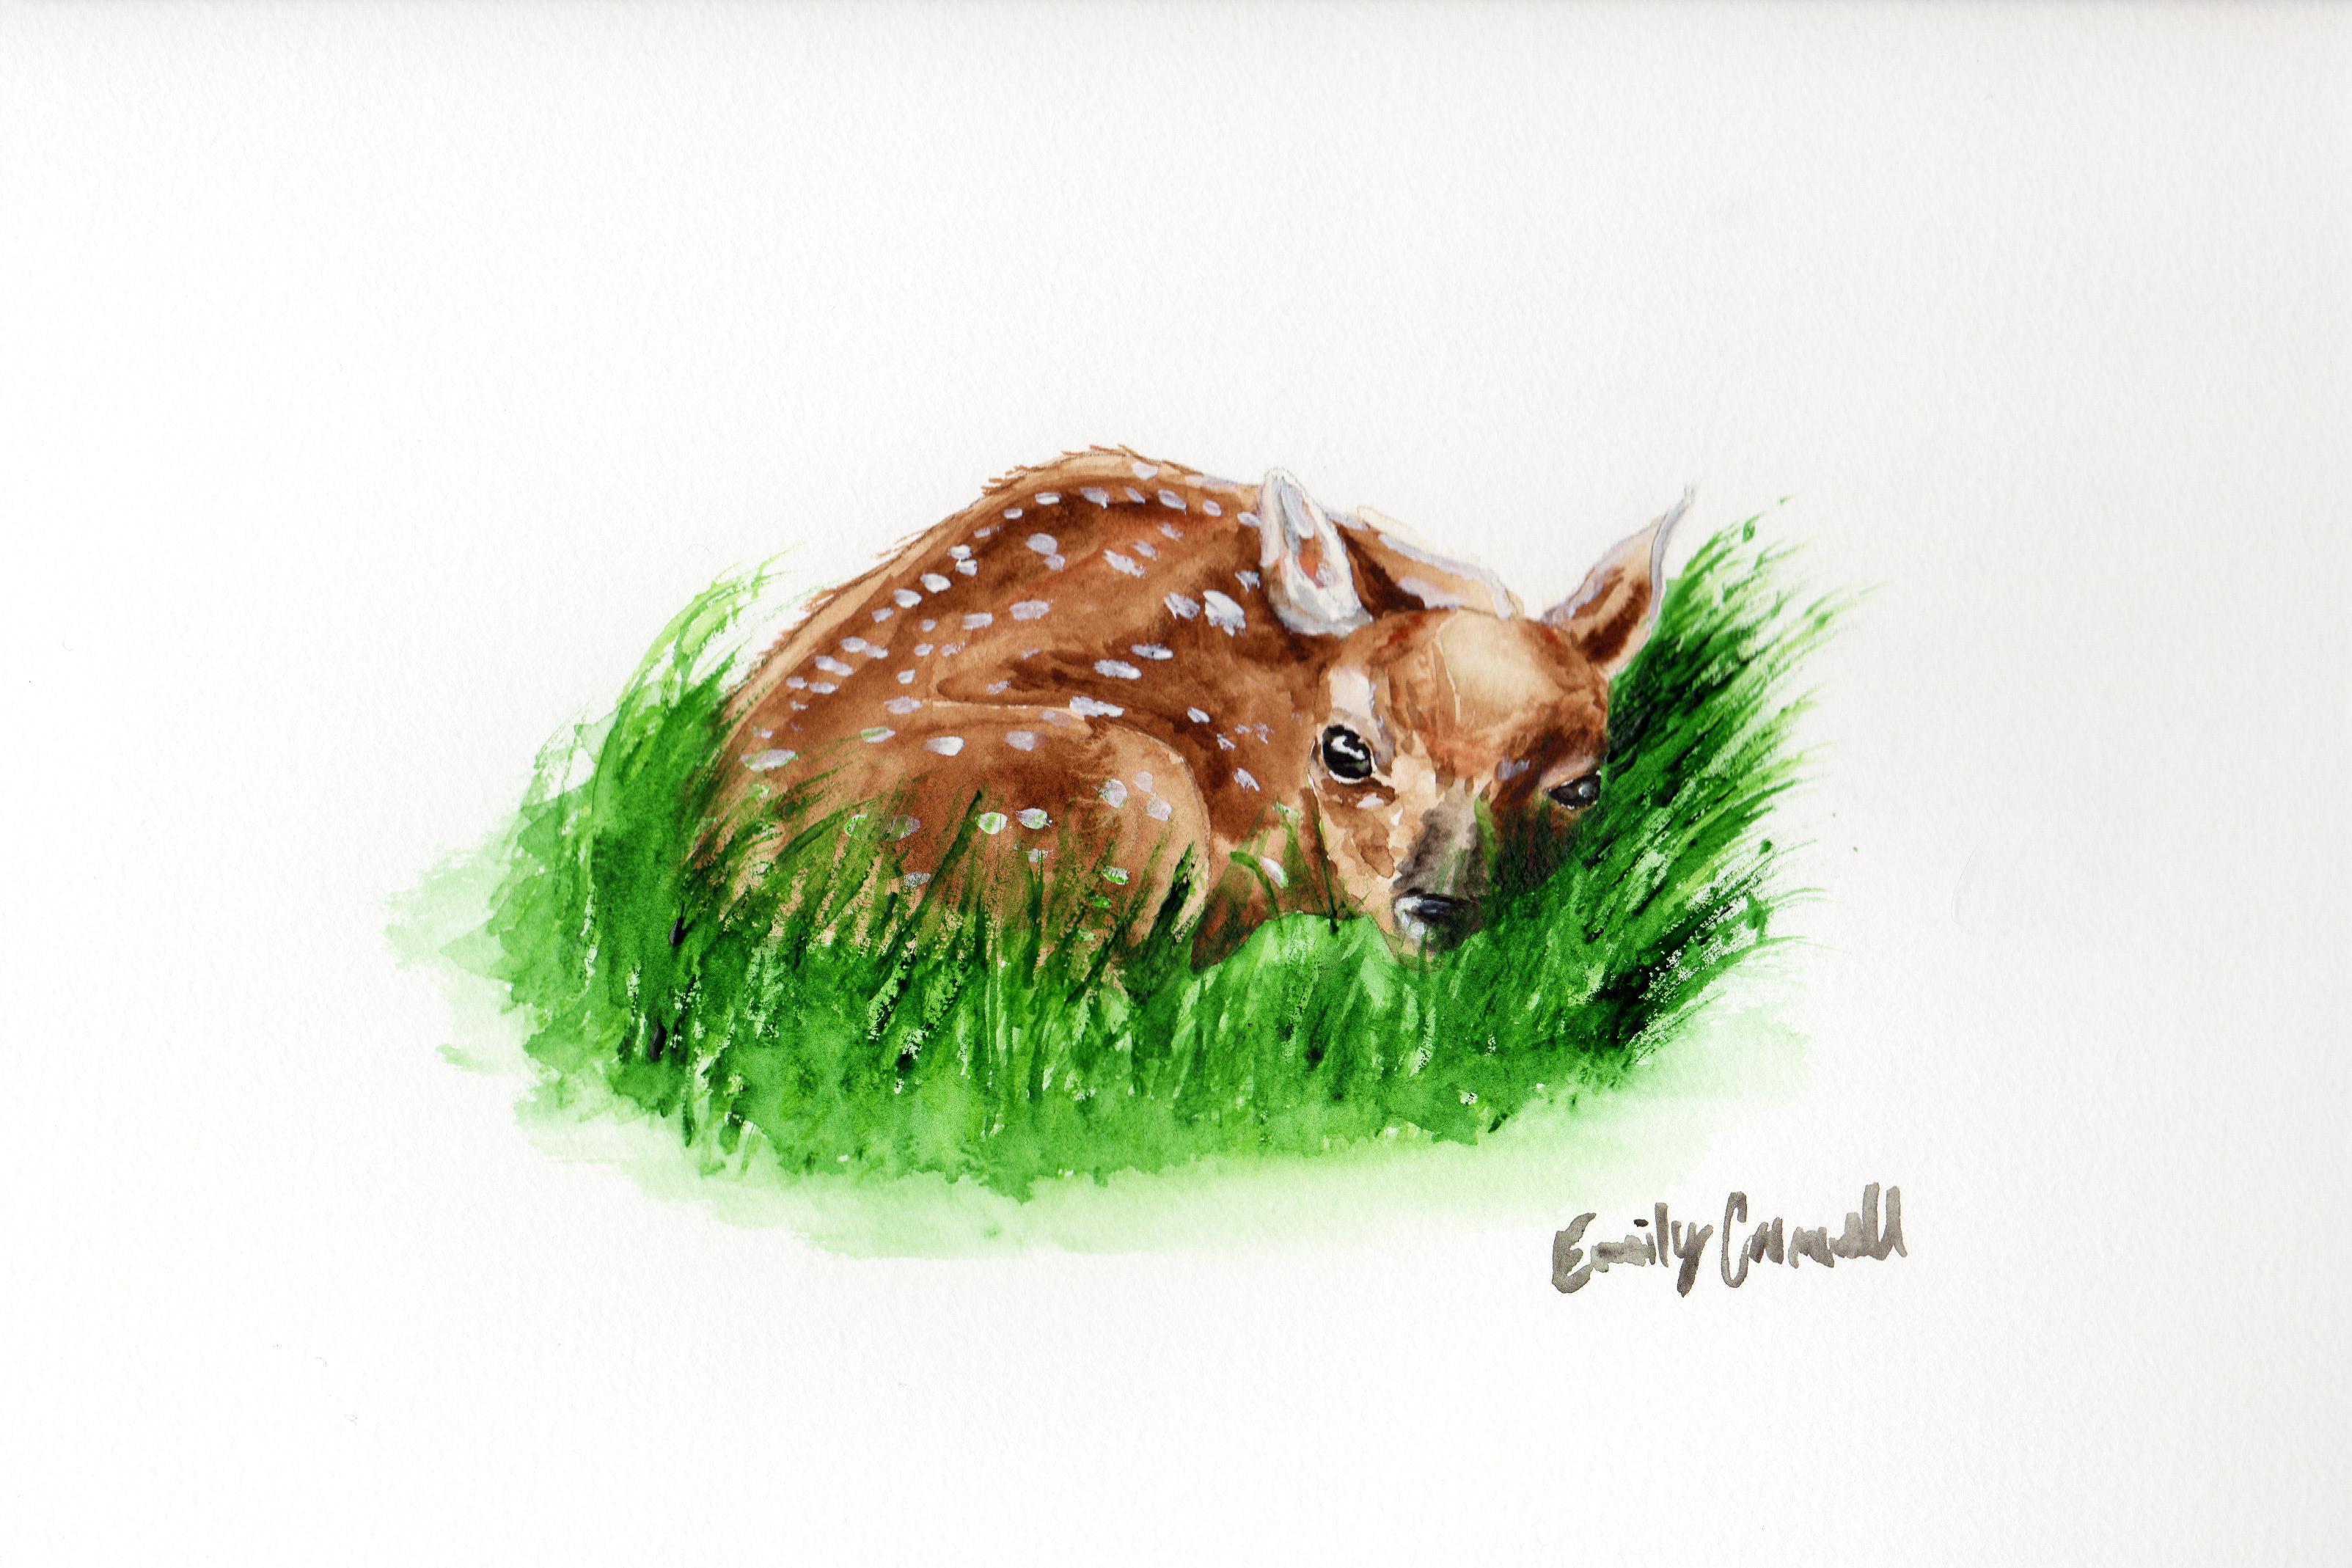 3207x2138 Baby Deer Watercolor Painting